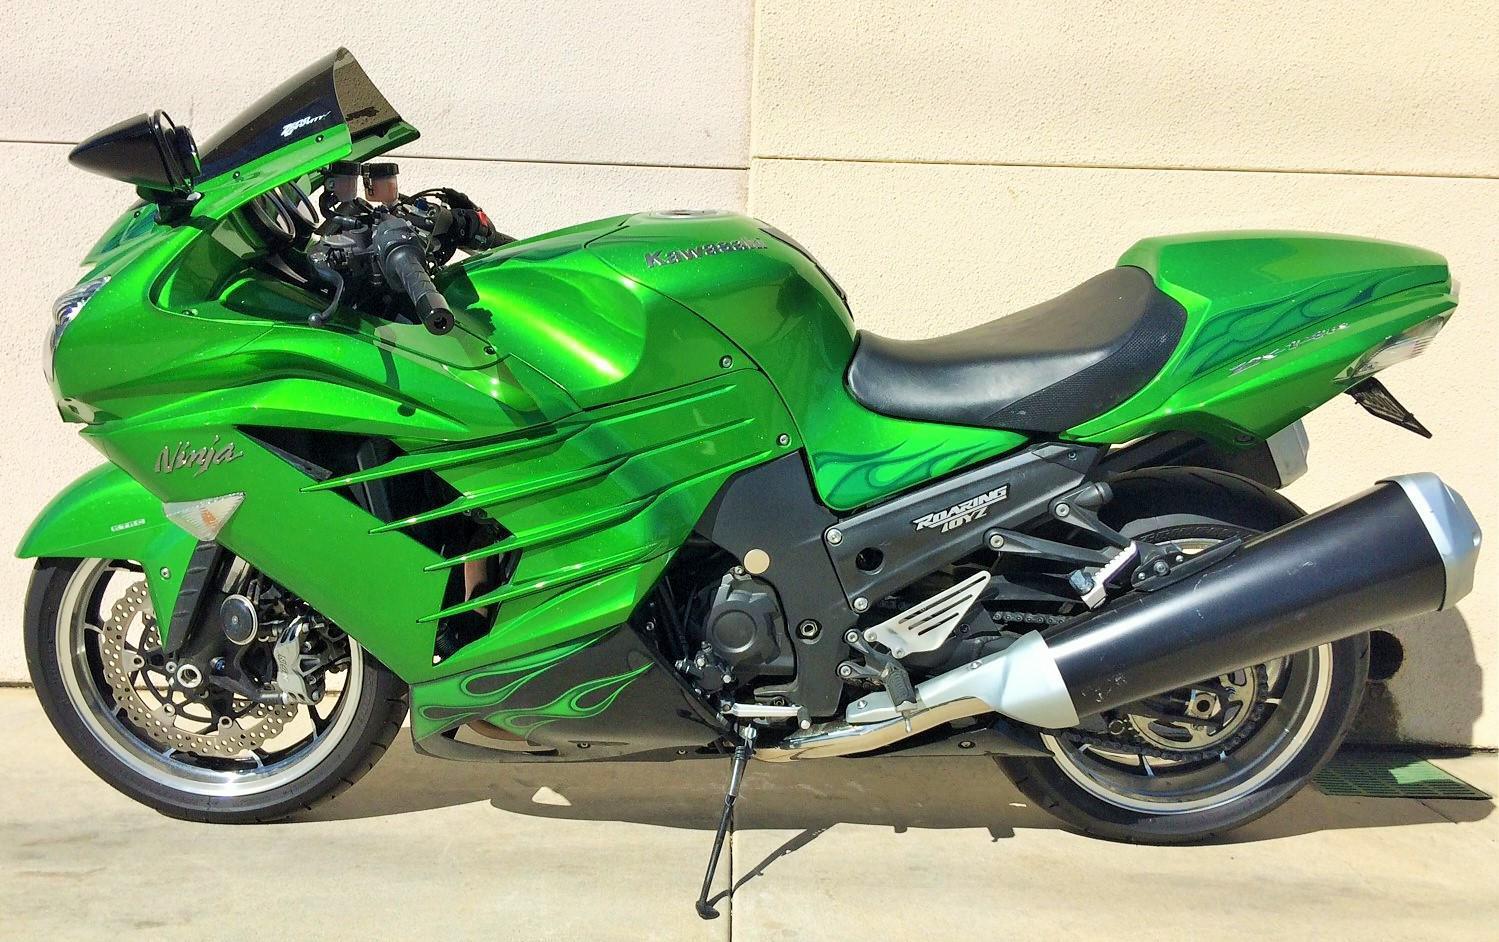 $11,500, 2012 Kawasaki NINJA ZX-14R